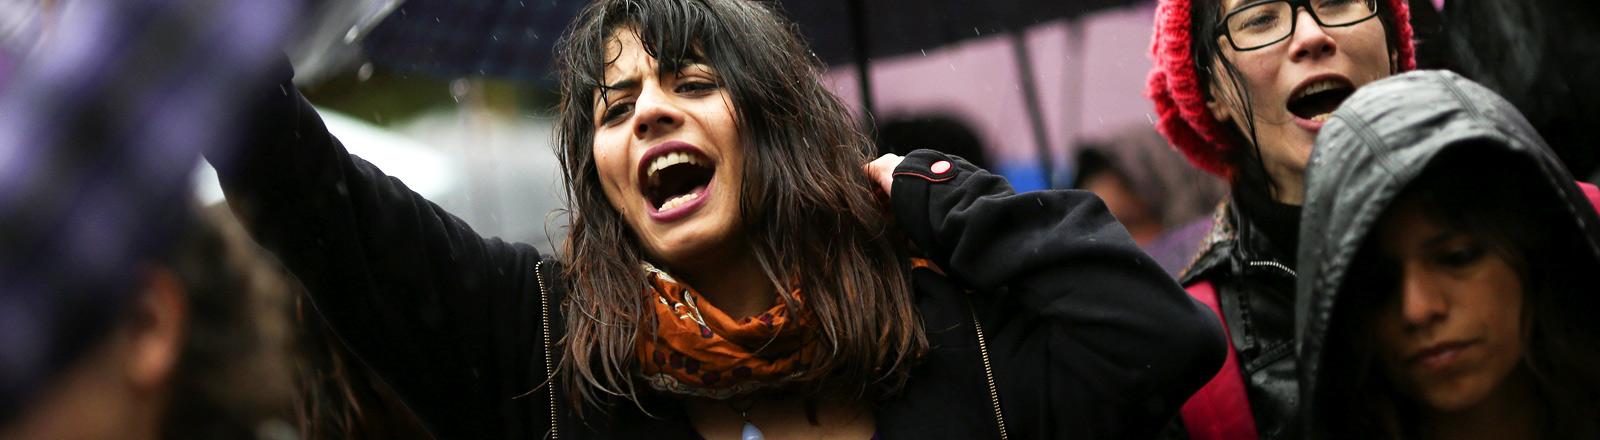 Eine junge Frau bei Protesten in Buenos Aires